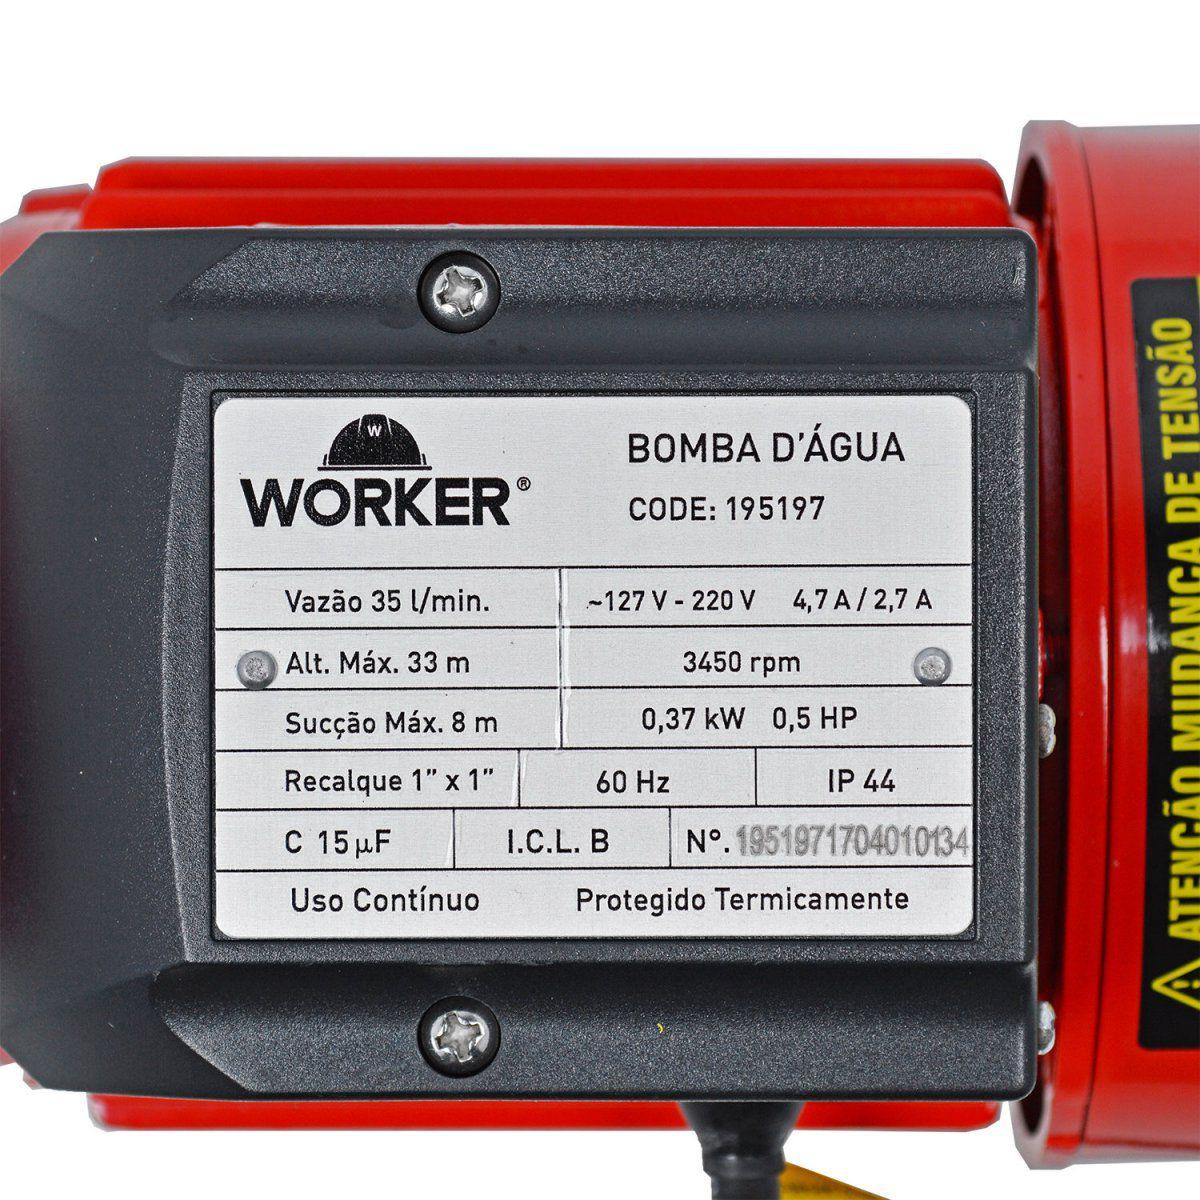 Bomba D'Água Periférica 1/2 cv Bivolt Worker